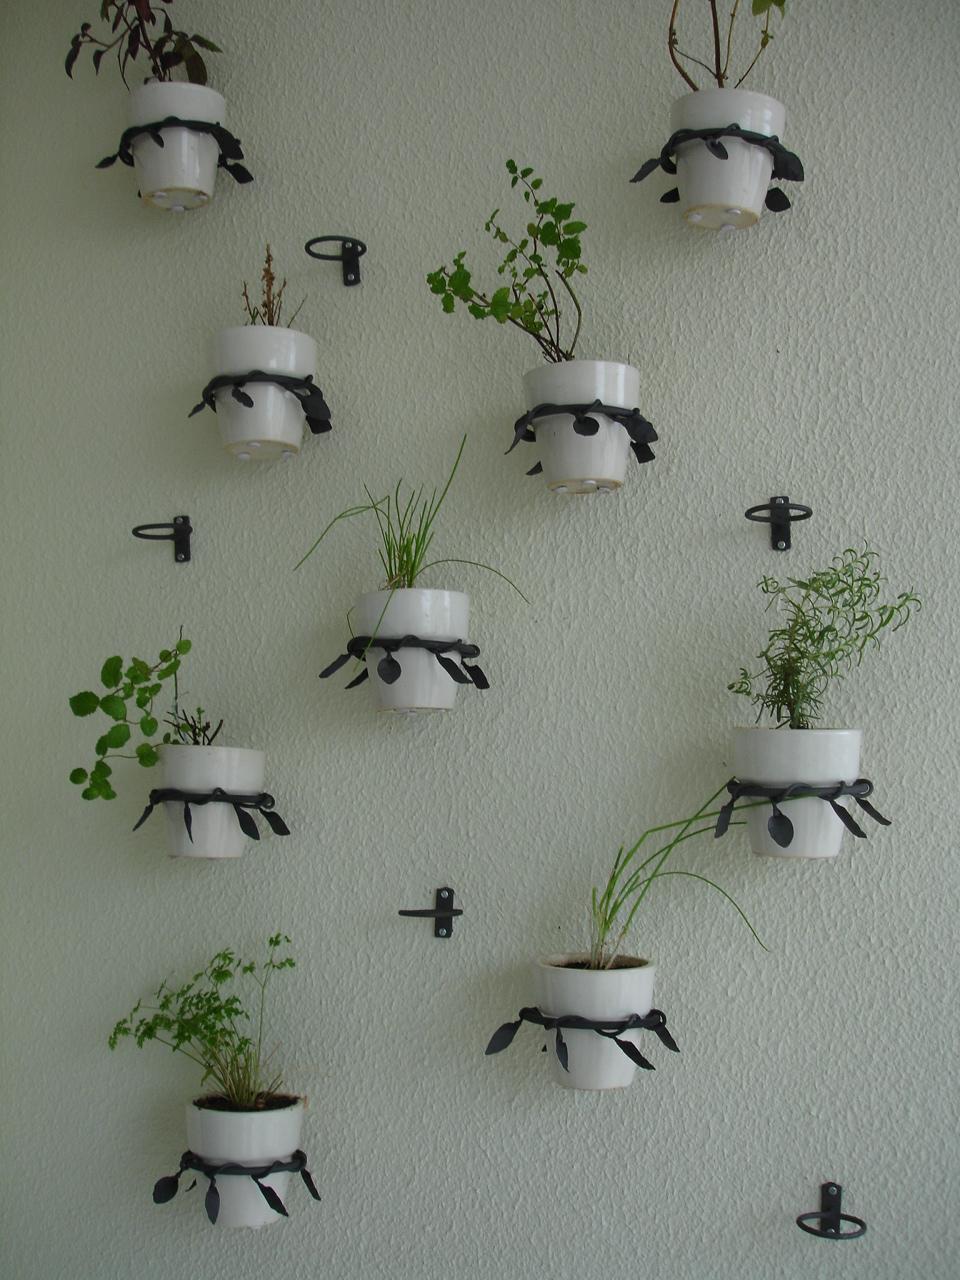 Suporte para vasos em serralheria artística para mini horta l Serralheiro Antonio Giro l Projeto NeoArq